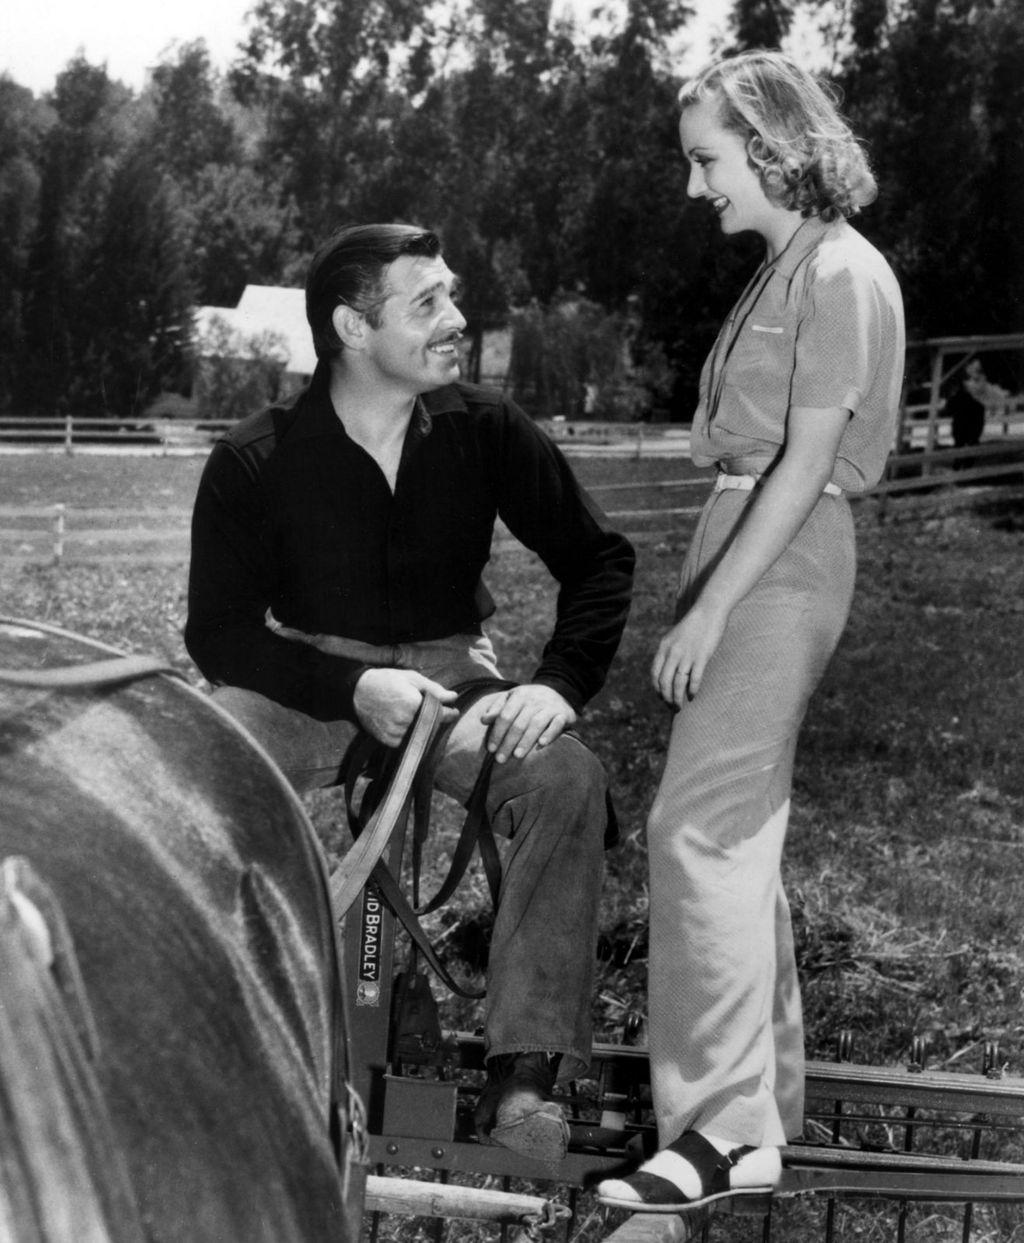 Nakon vjenčanja par je kupio ranč na kojem su provodili većinu vremena